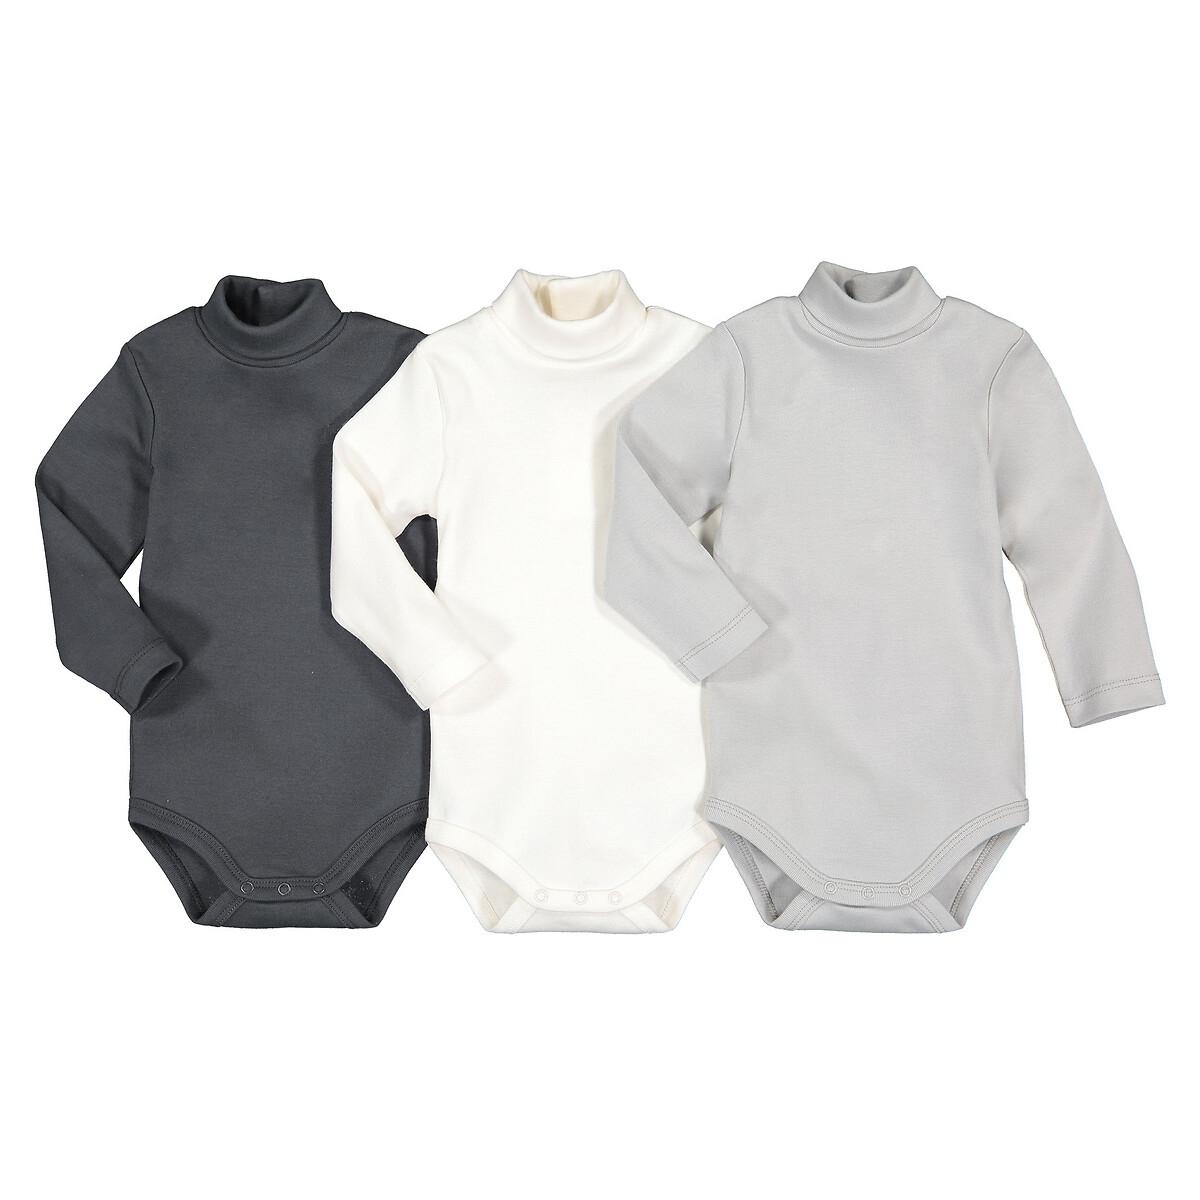 комплект из 3 футболок с laredoute длинными рукавами из биохлопка 3 мес 4 года 6 мес 67 см разноцветный Комплект из 3 боди с LaRedoute Длинными рукавами из биохлопка 3 мес - 3 года 18 мес. - 81 см серый